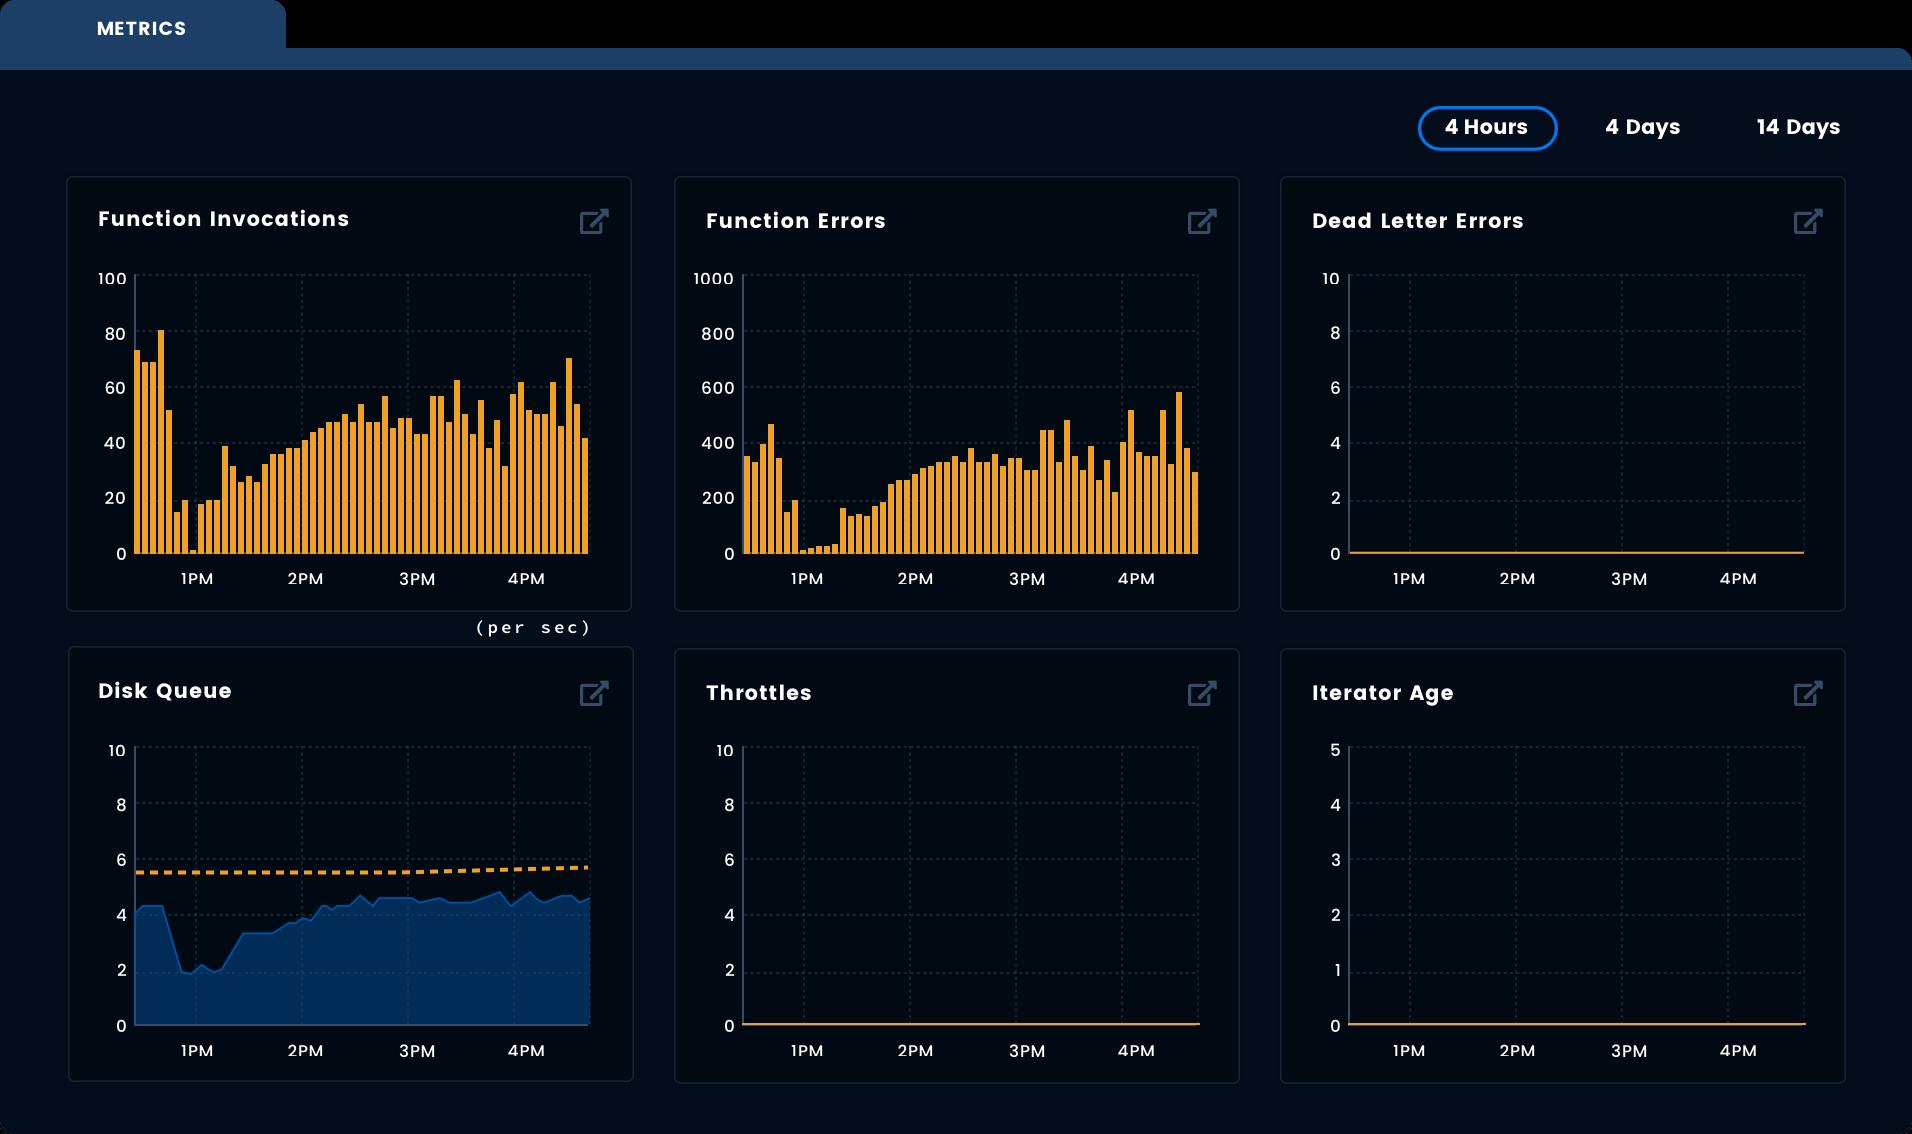 Lambda function visualizations